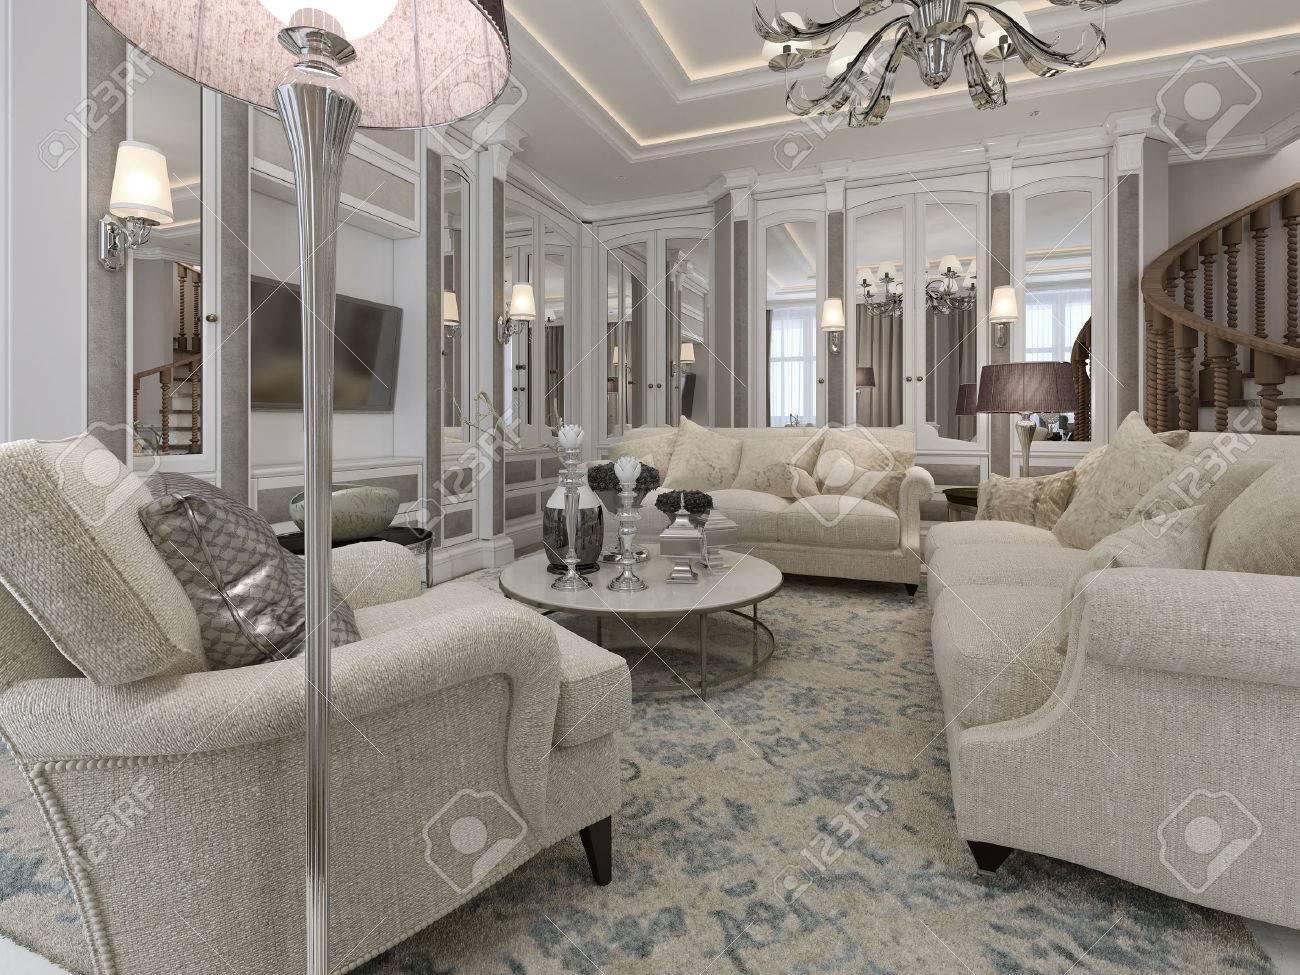 soggiorno di lusso in stile classico. rendering 3d foto royalty ... - Soggiorno Classico Di Lusso 2